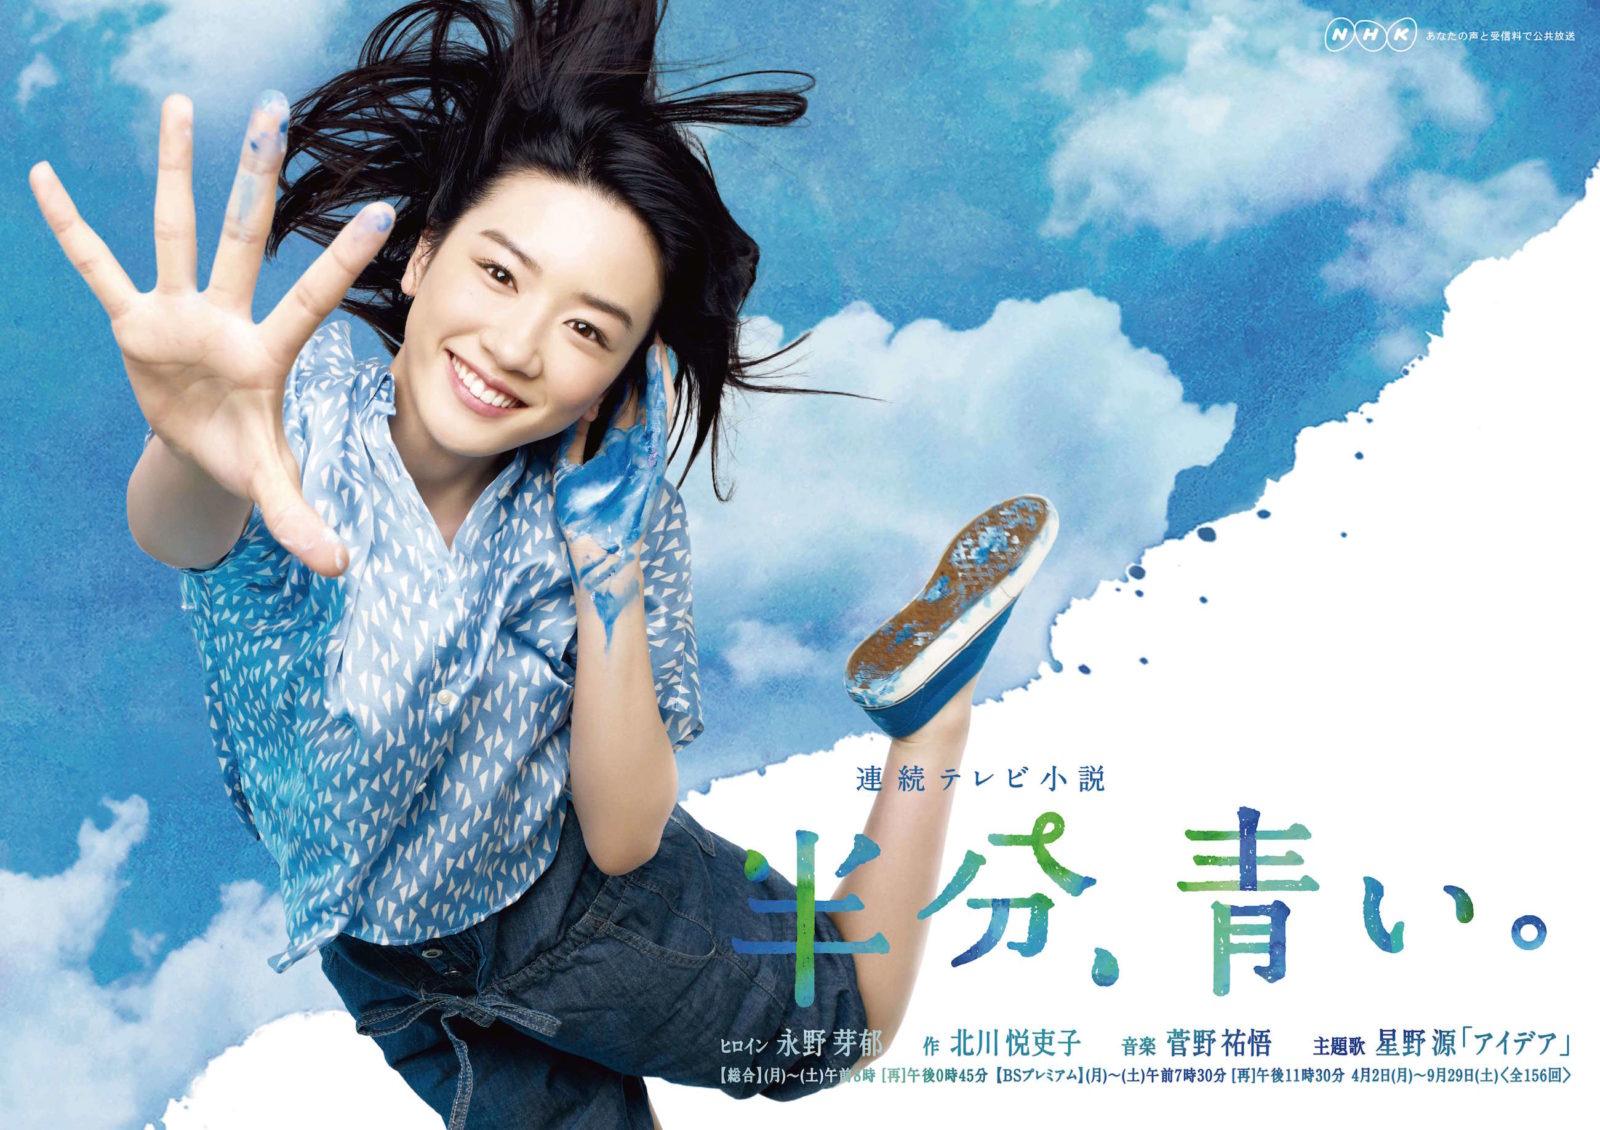 「全員ヤバイ感じ」連続テレビ小説『半分、青い。』新キャラ登場にネットざわつくサムネイル画像